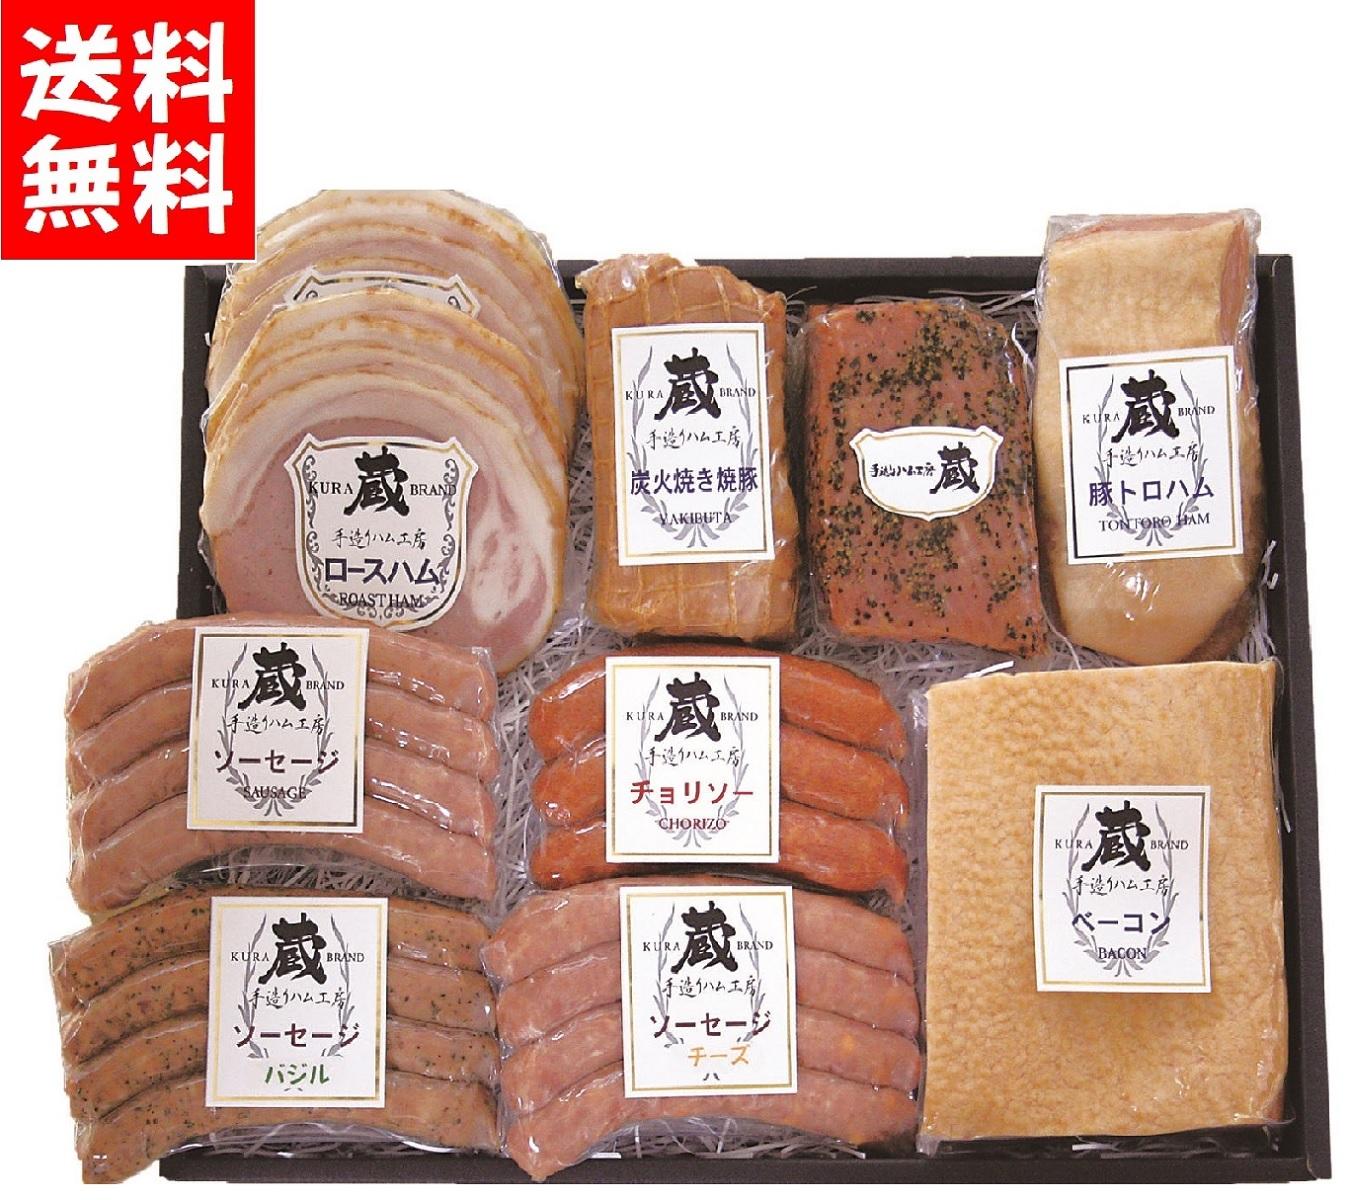 手造りハム工房蔵 A18   ベーコン(400gブロック)・炭火焼豚・ボンレスパストラミ・ソーセージ・9種類ぜいたくセレクションA